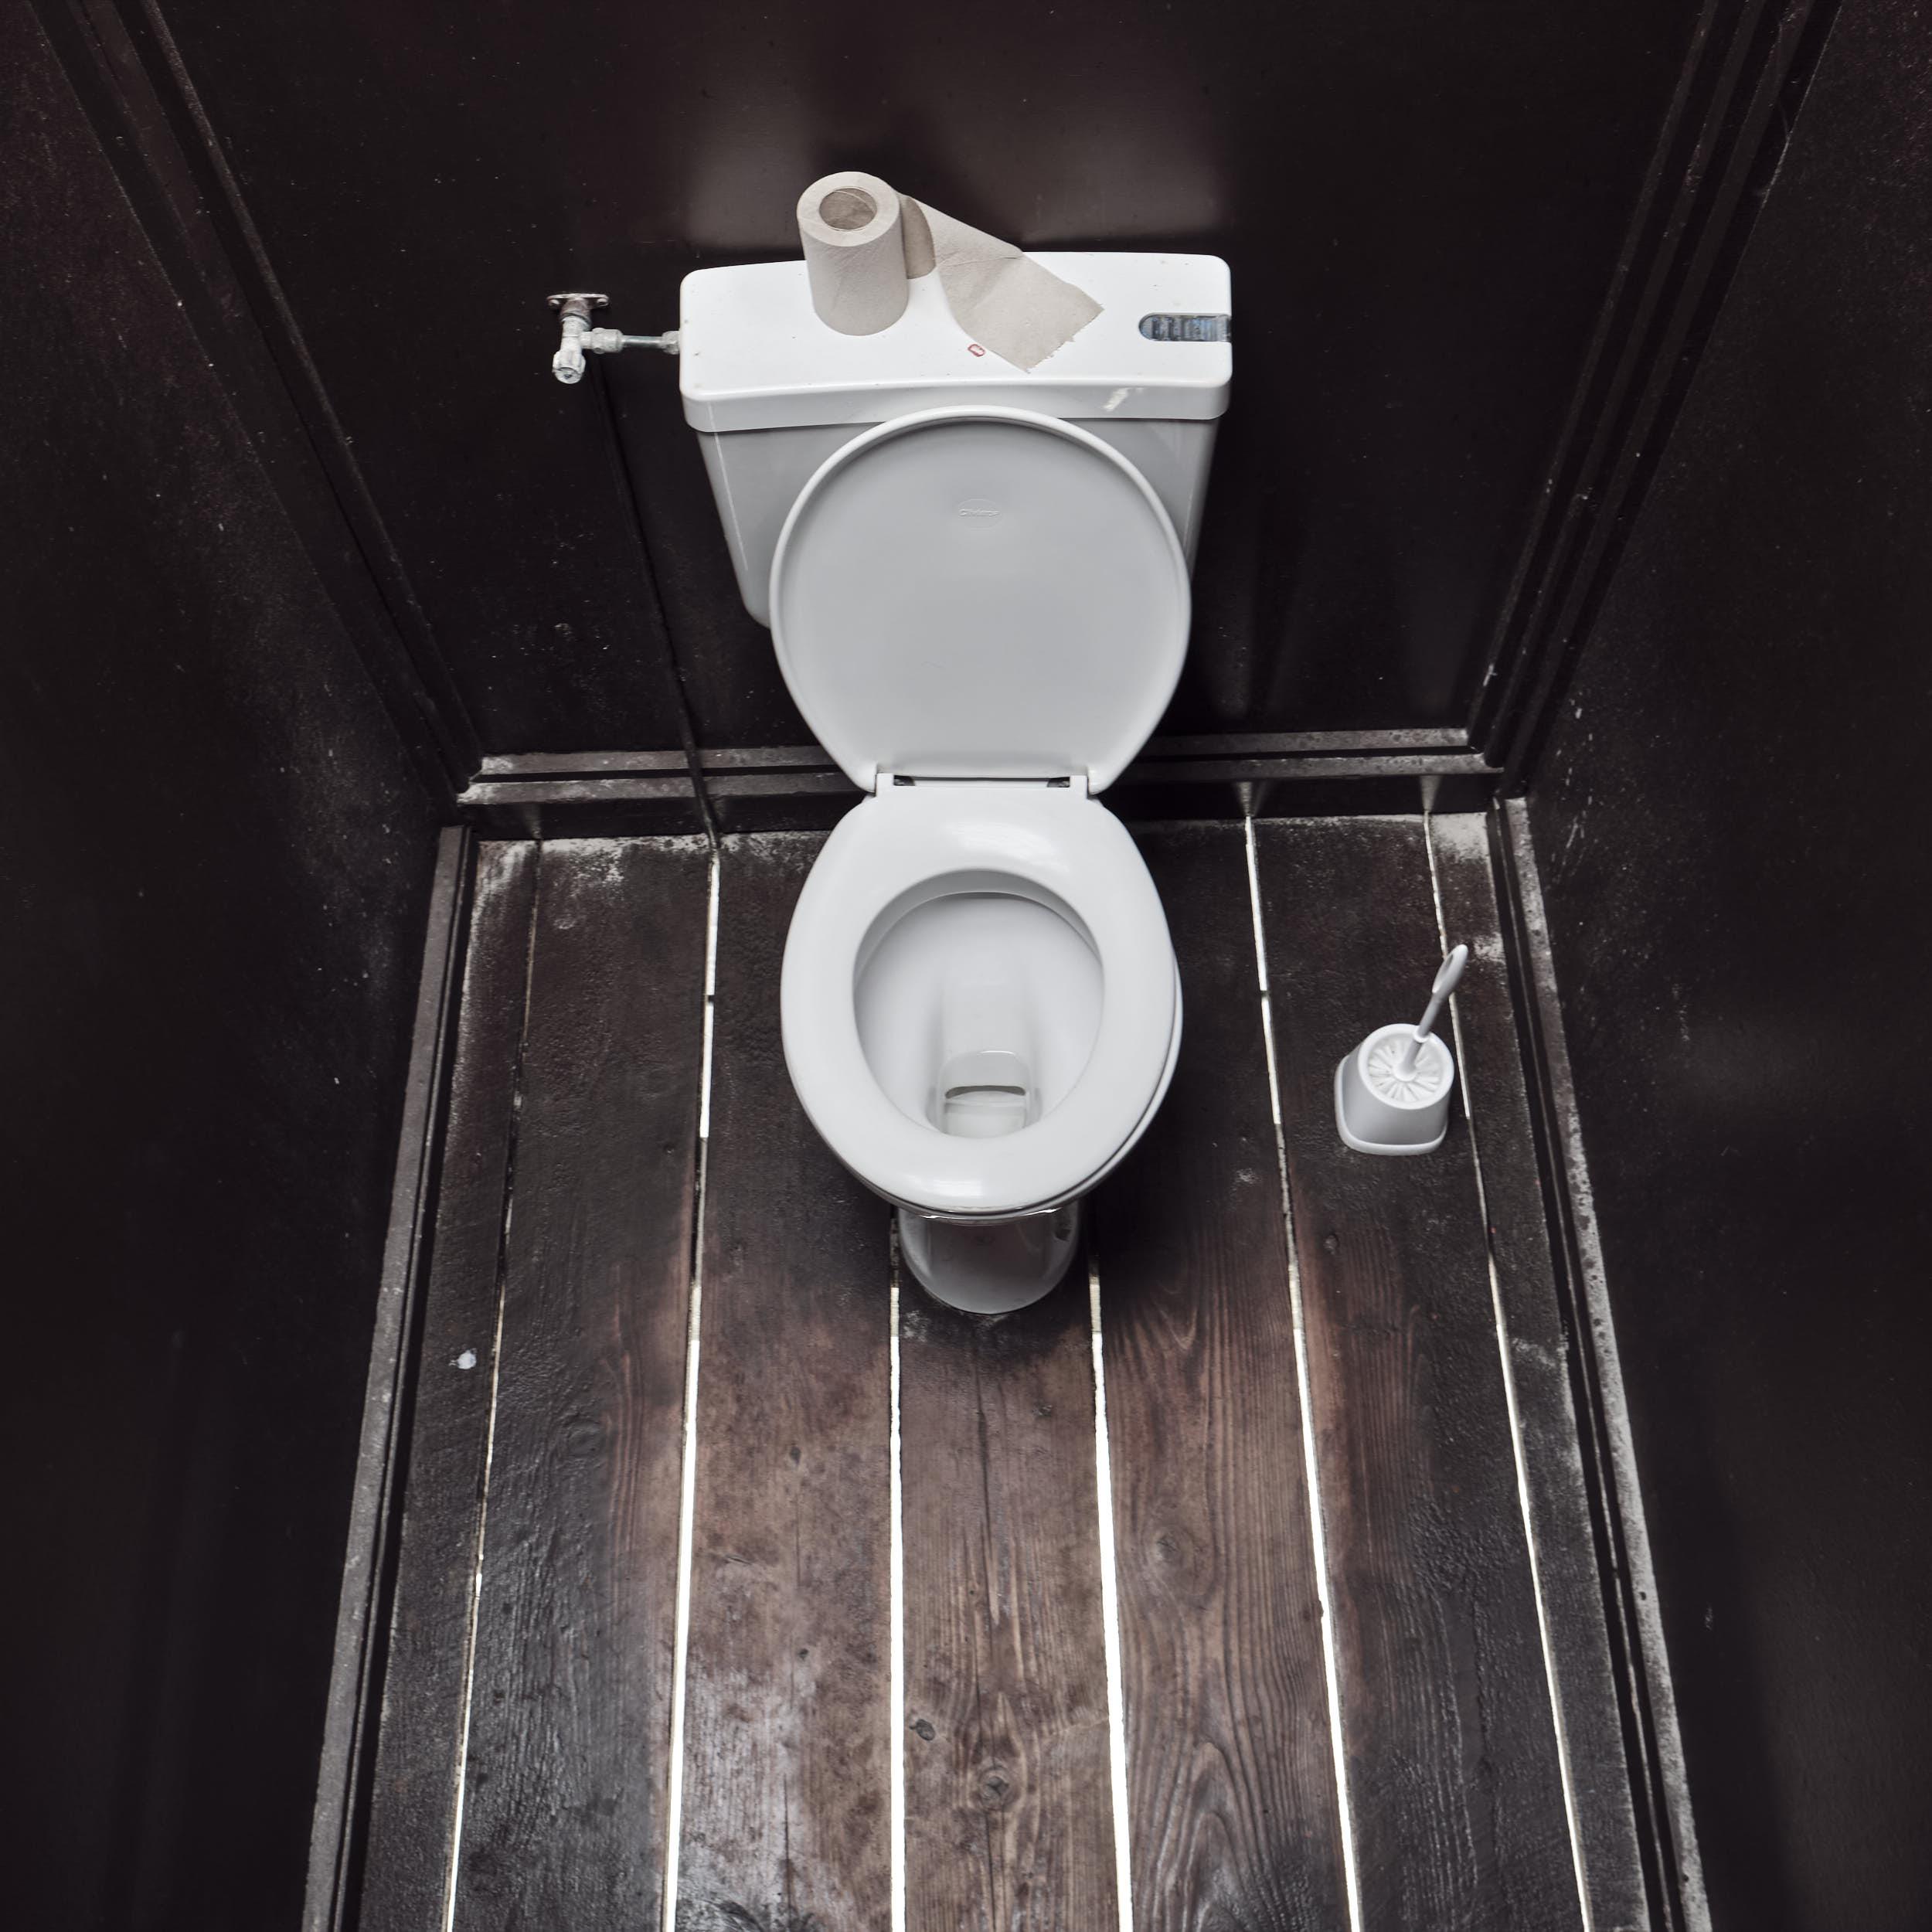 Bick durch die Bodenbretter, historisches Toilettenhaus, Sankt-Peter-Ording, Strand